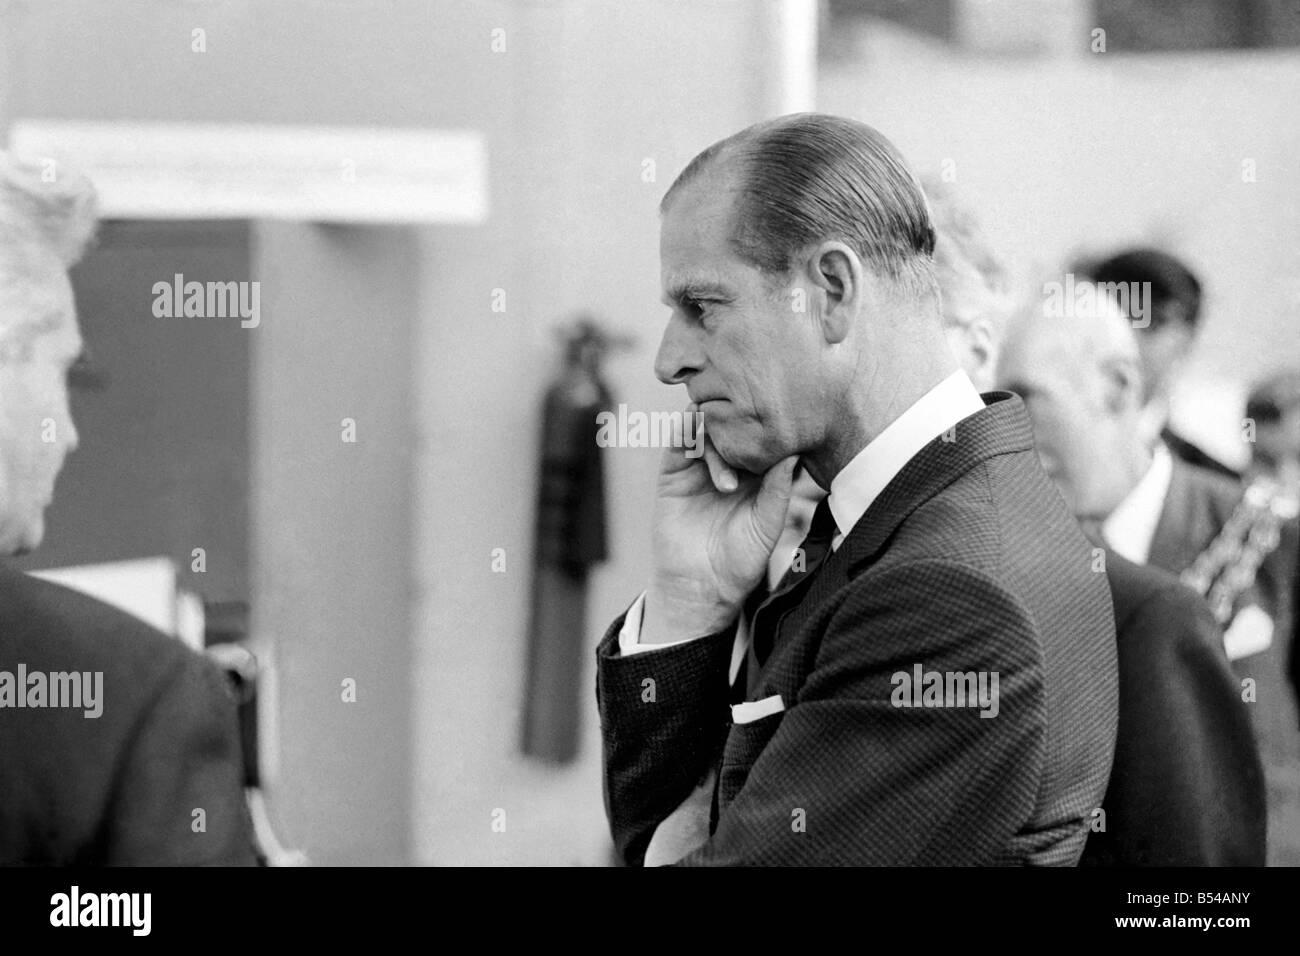 Royalty. Prince Philip, Duke of Edinburgh. Z10862-001 - Stock Image